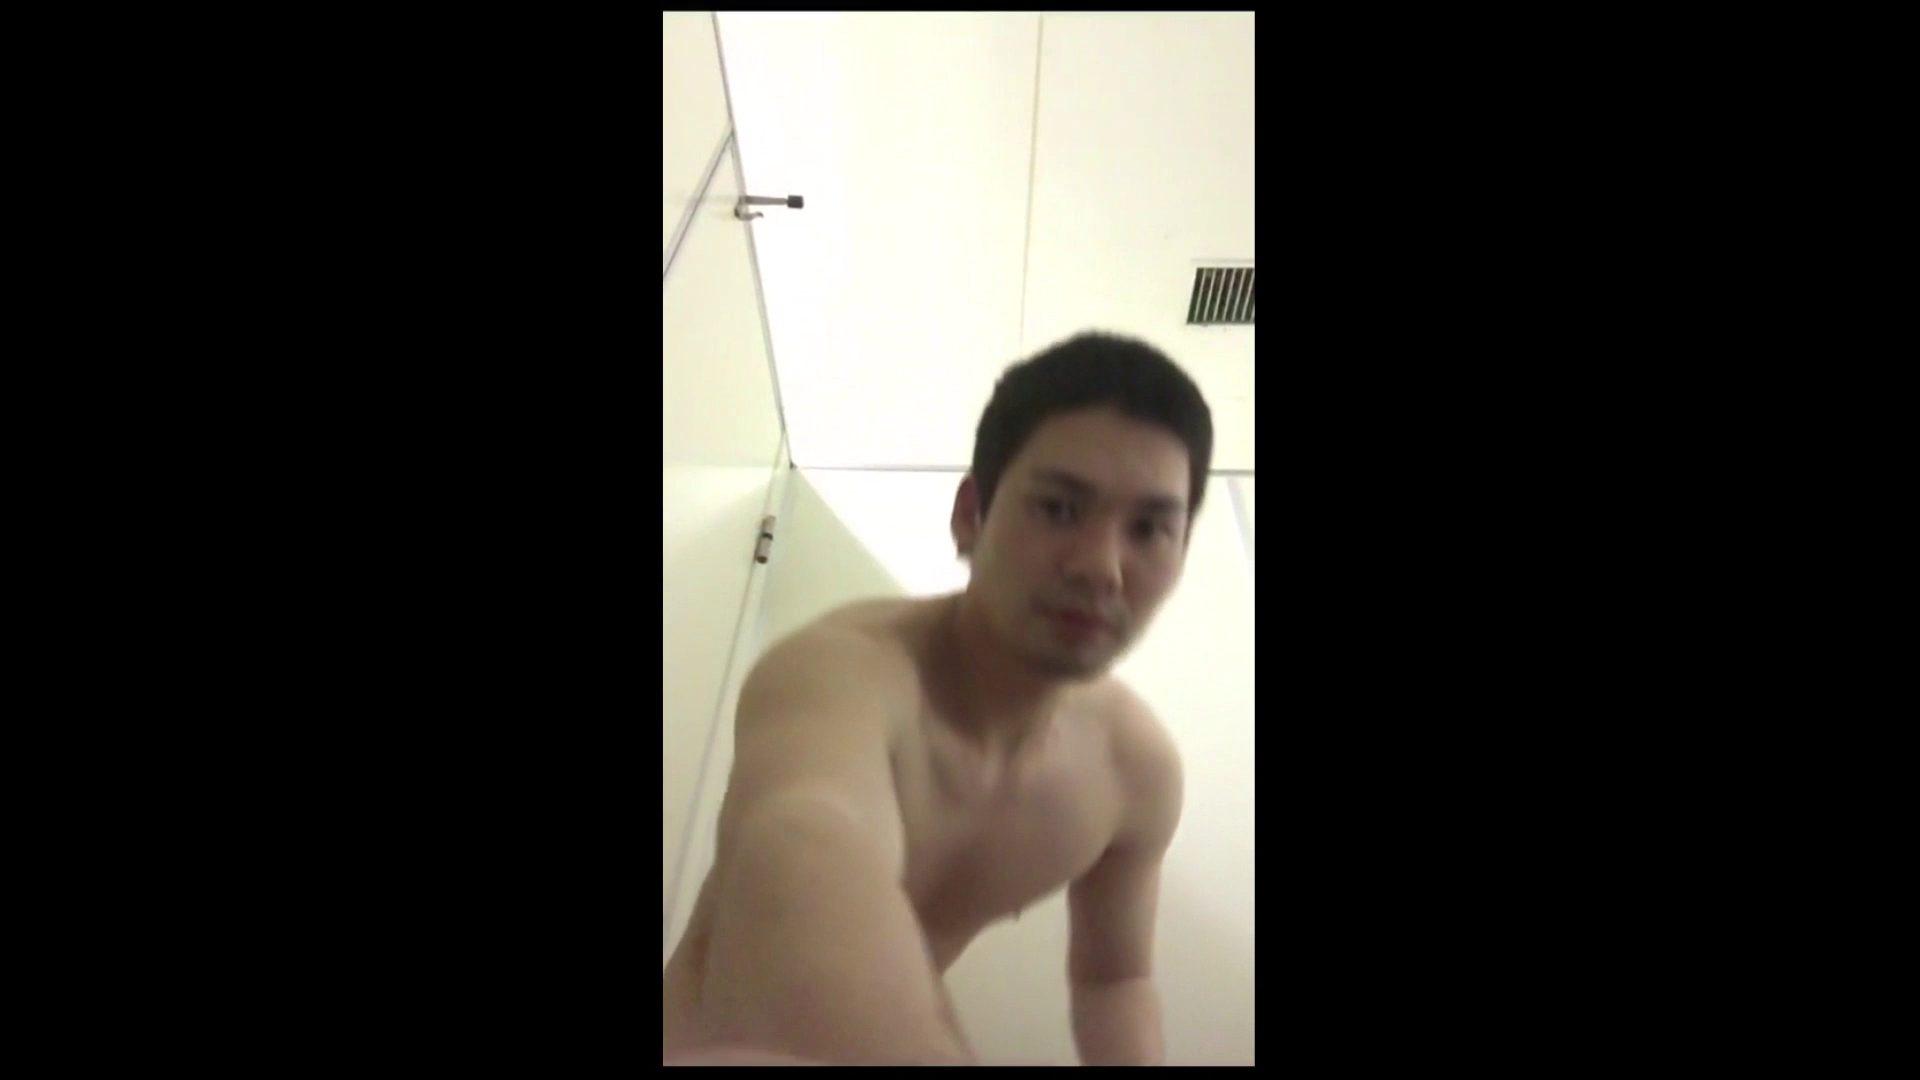 個人撮影 自慰の極意 Vol.3 オナニー専門男子 ゲイAV画像 56画像 44